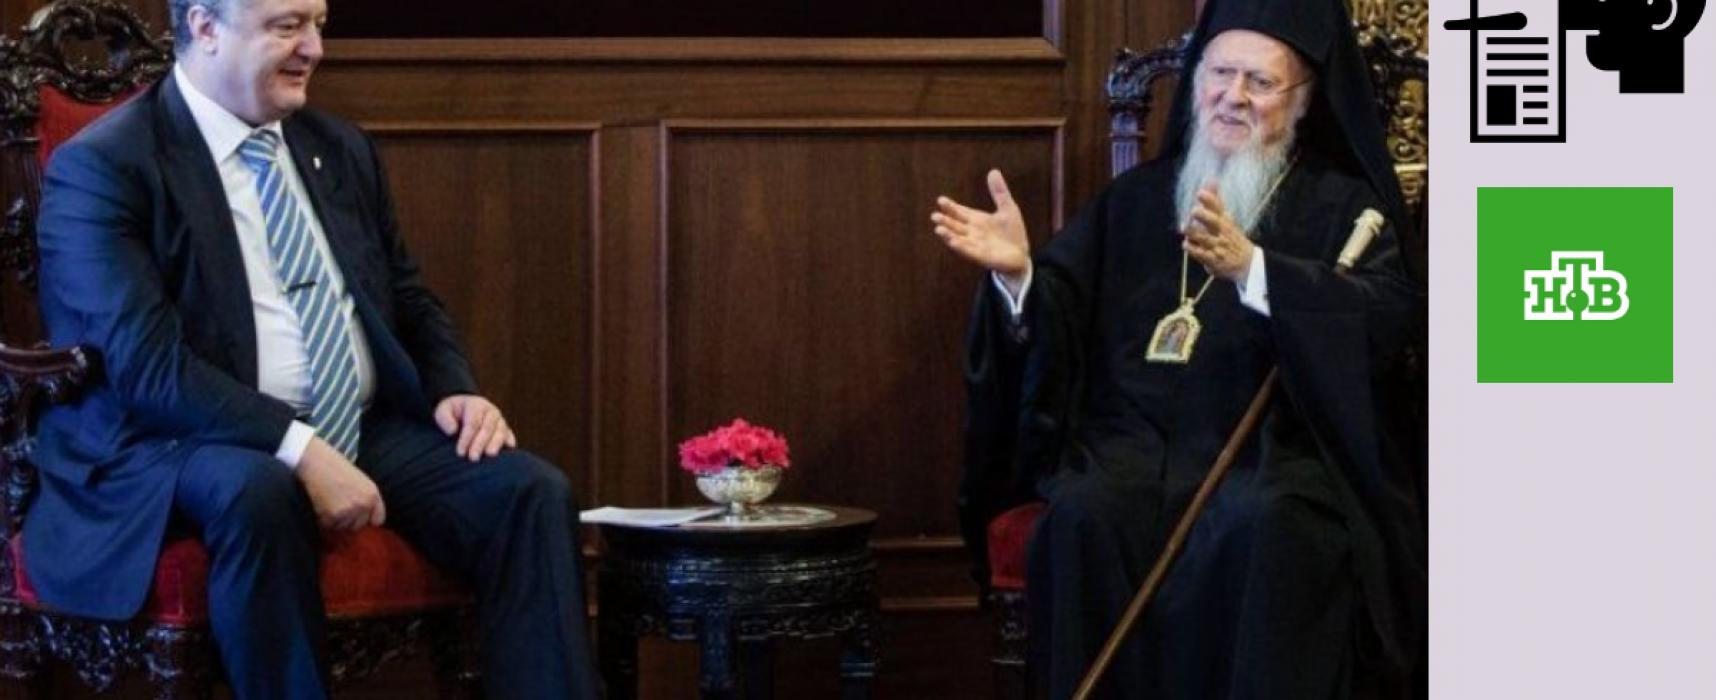 Фейк НТВ: принимая решение по Украине, Вселенский патриарх превысил полномочия